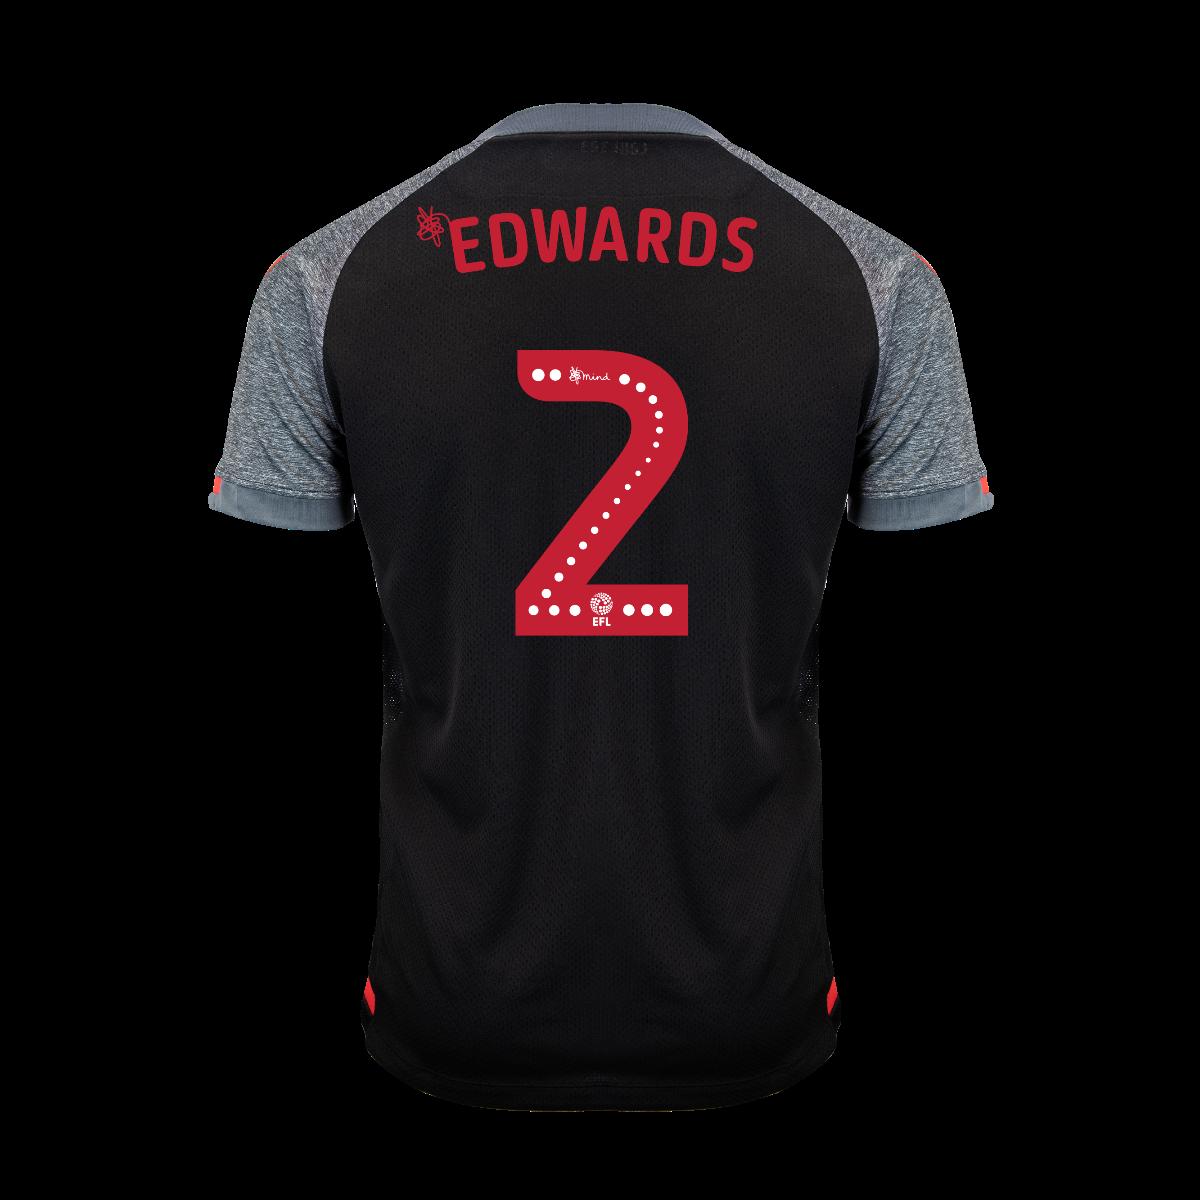 2019/20 Adult Away SS Shirt - Edwards